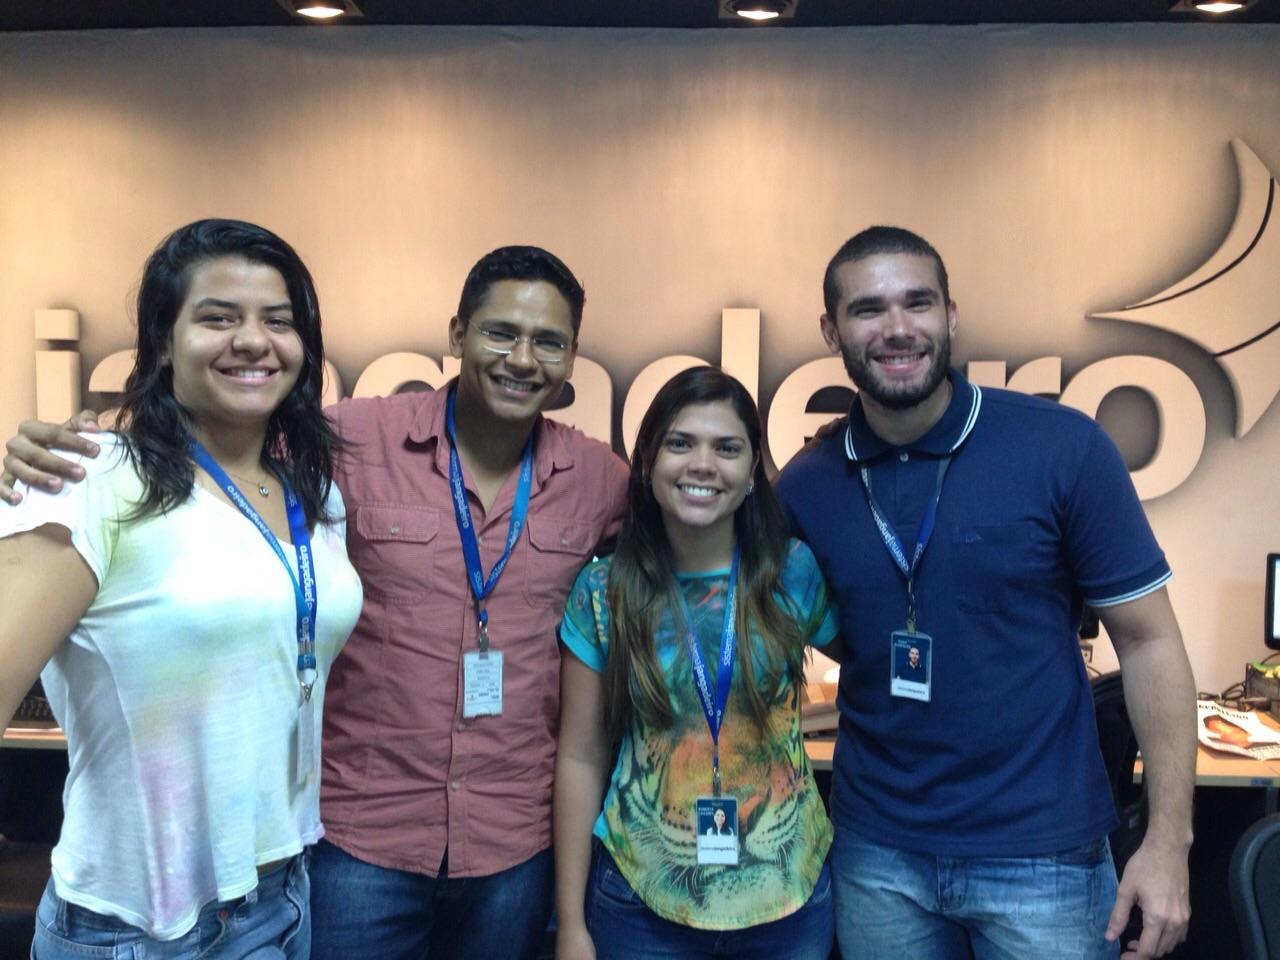 Profissionais do Tribuna do Ceará estão classificados para a etapa regional do 7º Prêmio Sebrae de Jornalismo.